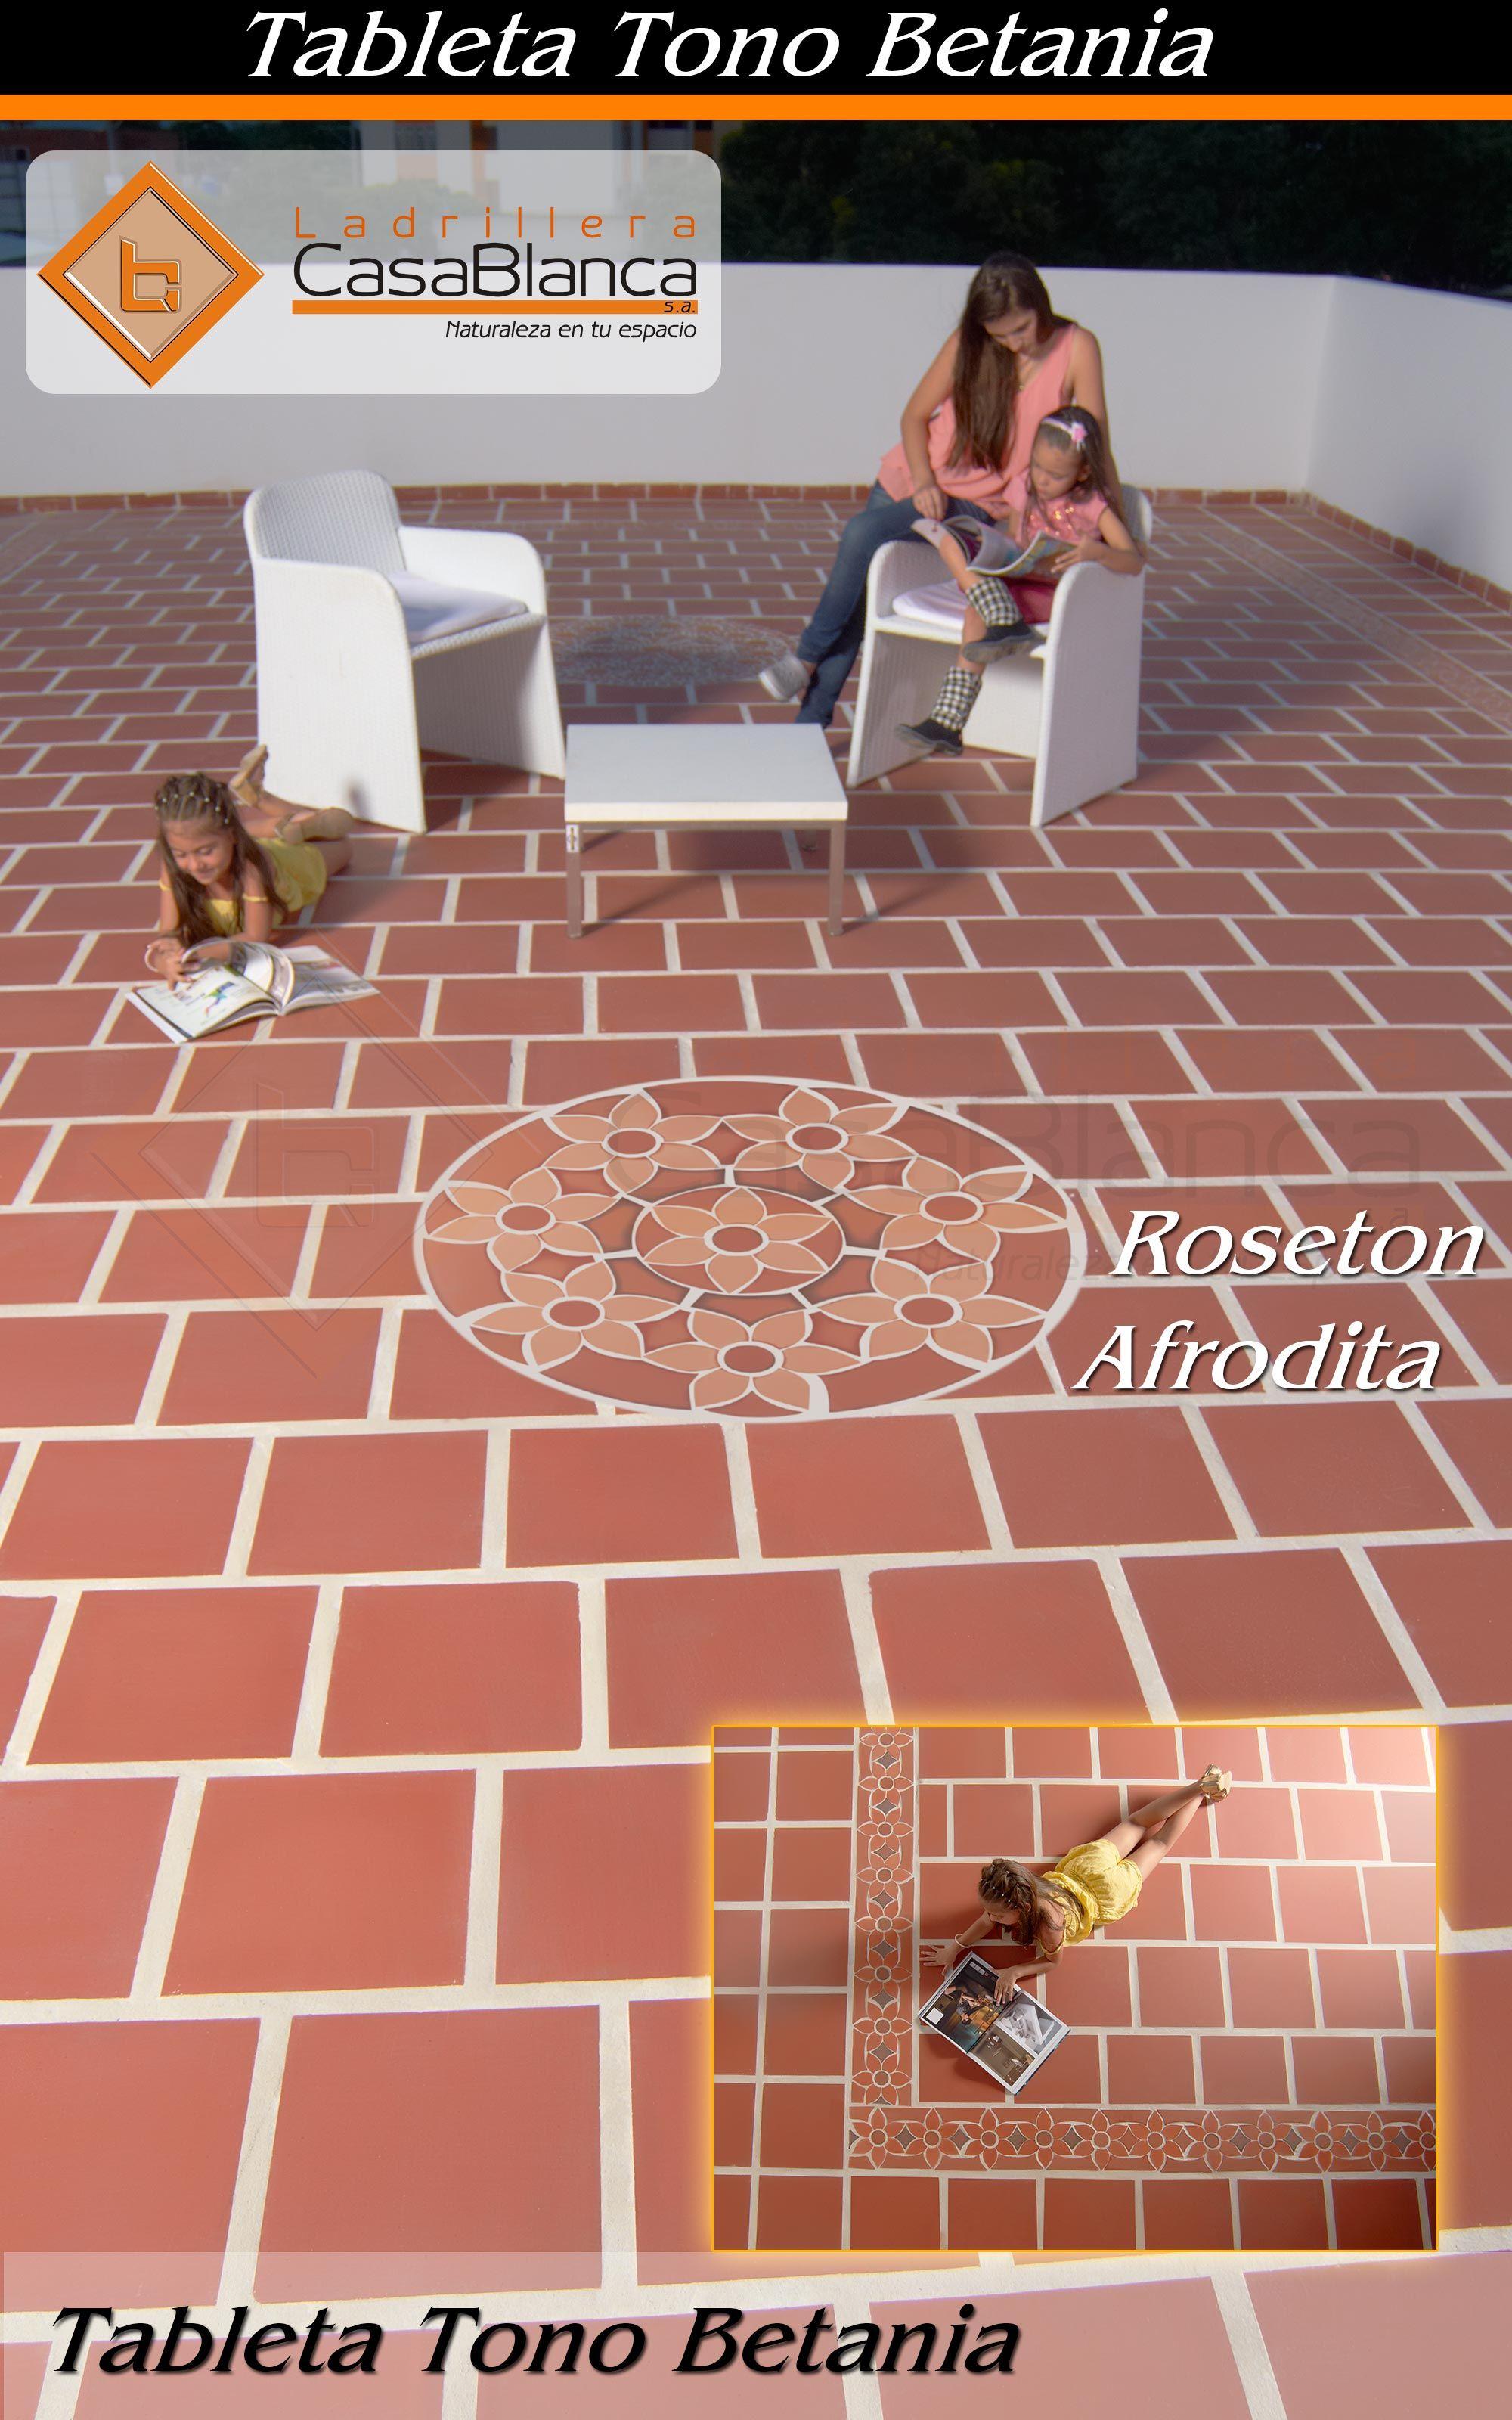 Terraza Con Piso En Tono Betania Y Roseton Baco Exterior Ladrillera Casablanca Si Lo Puedes Imaginar Te Lo Podemos Crear Casablanca Santa Lucia Rosetones